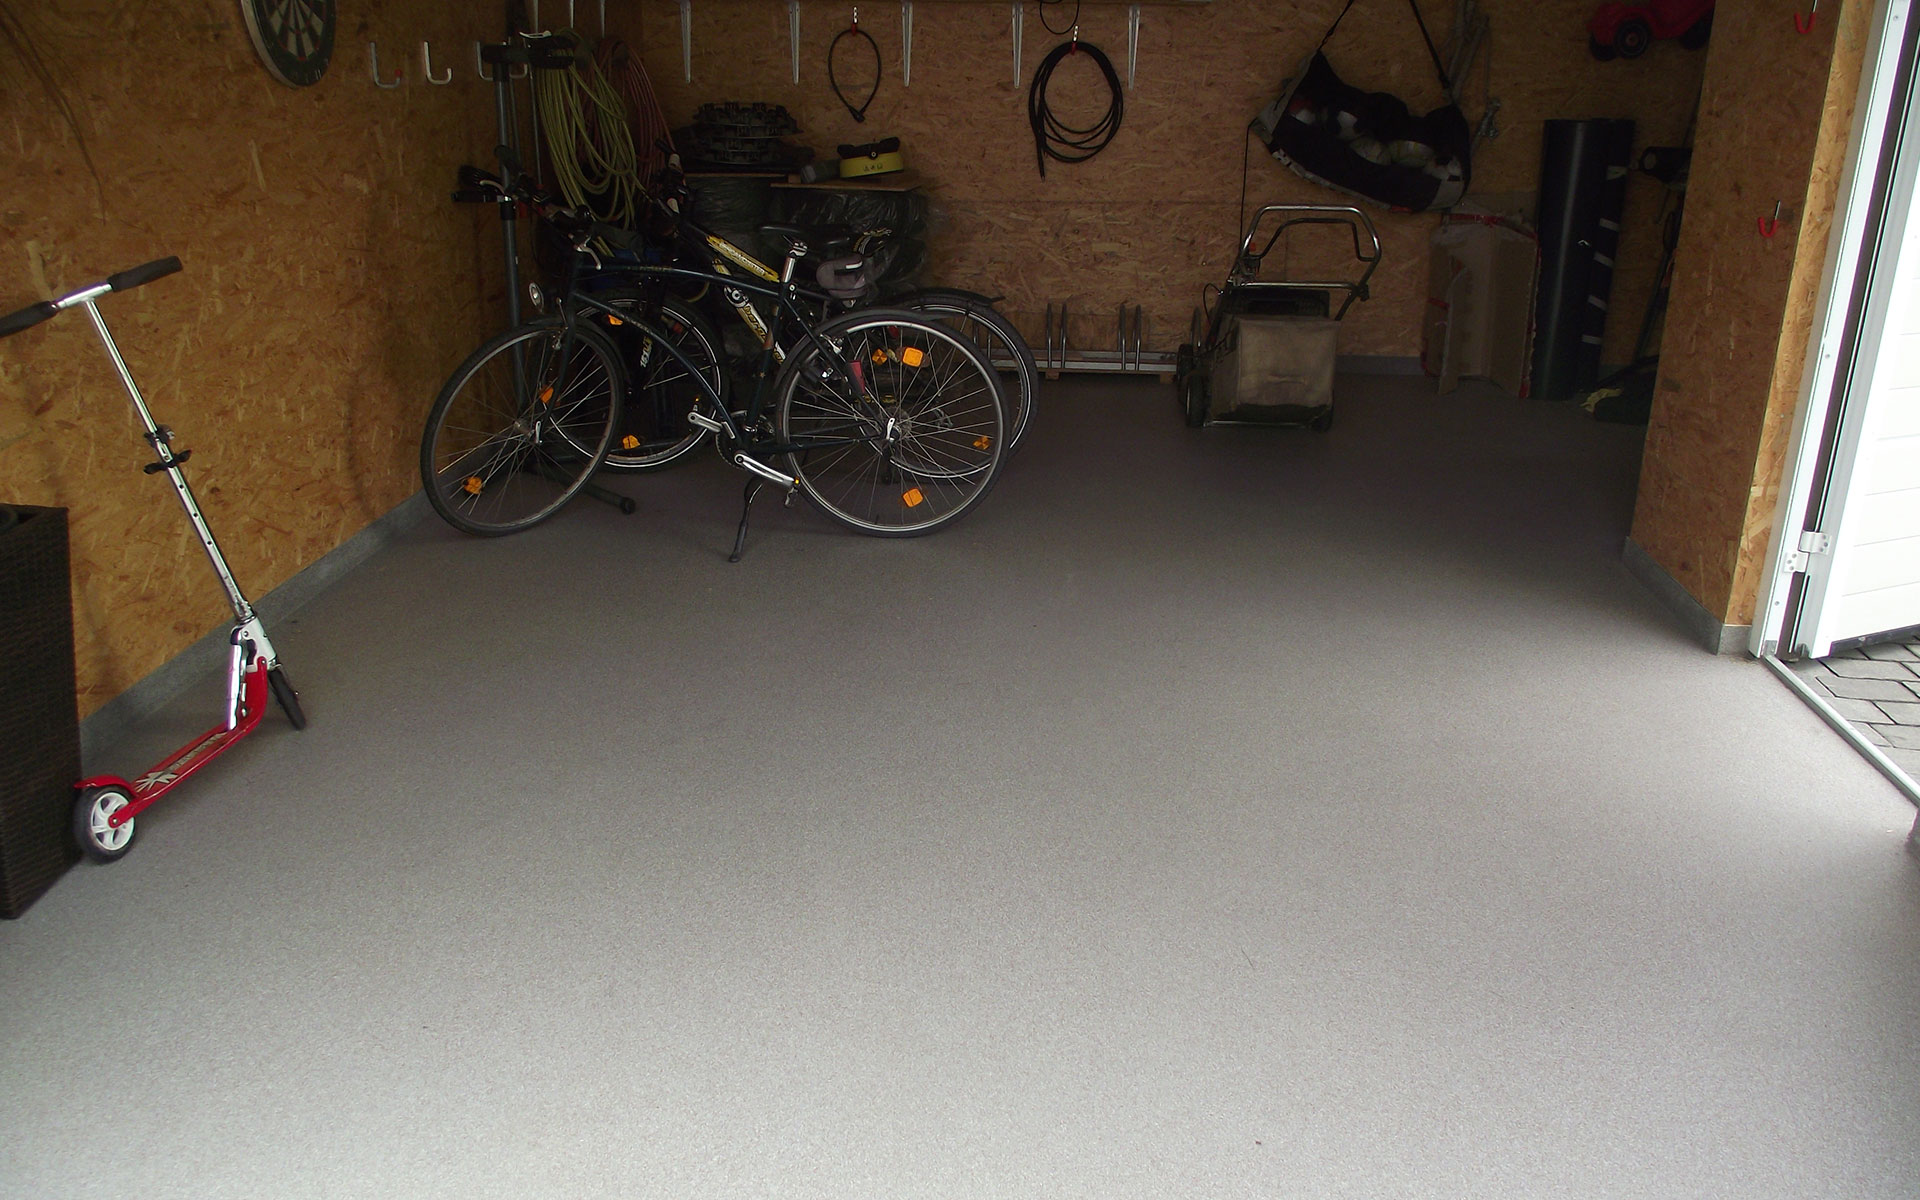 Garagen_002